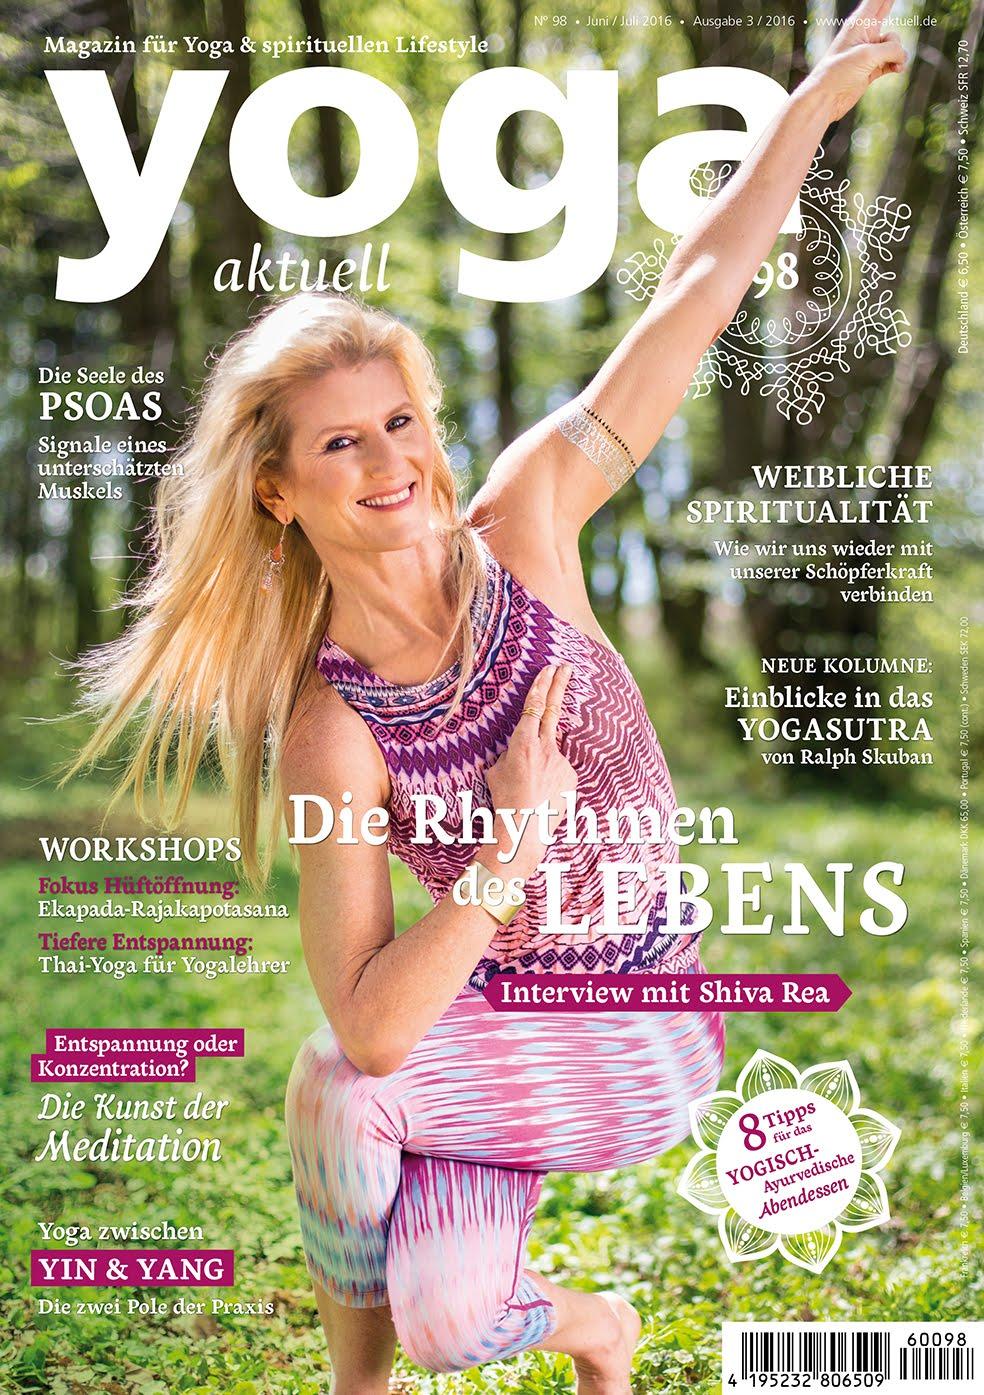 Die Seele das Psoas<br>Yoga Aktuell 98